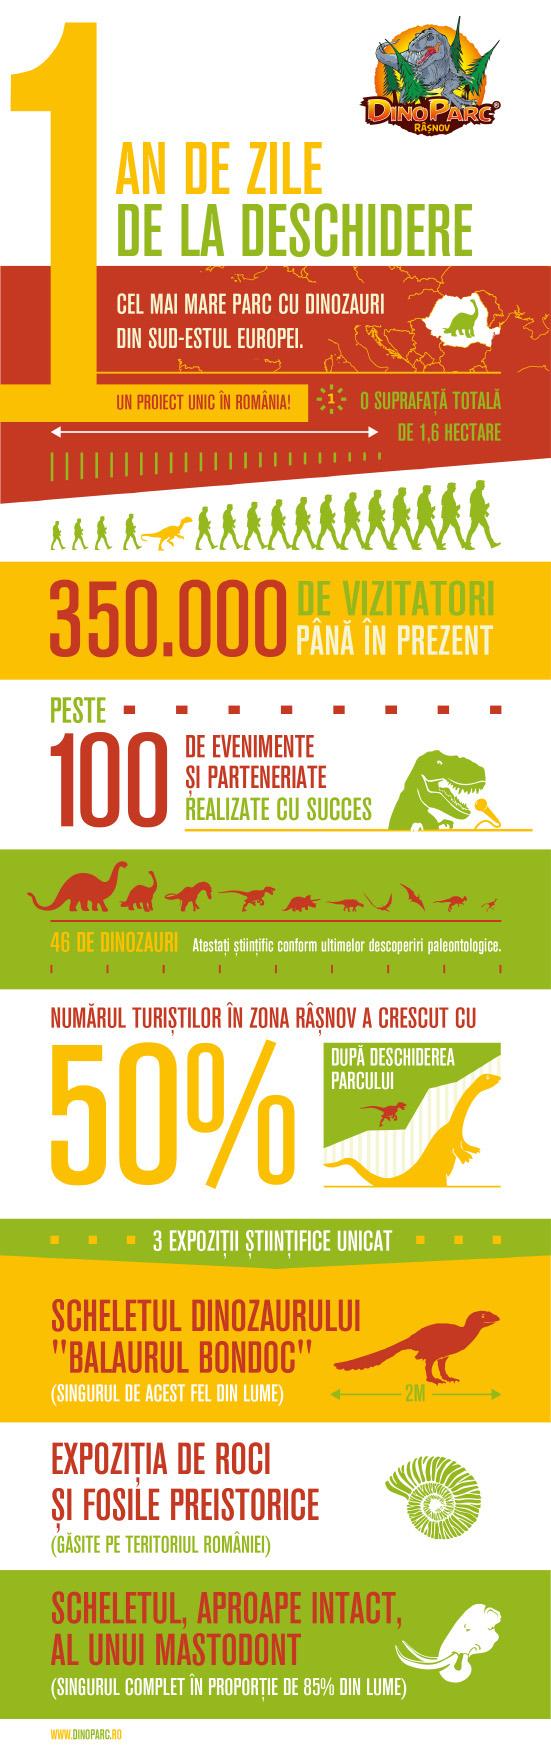 Rezultae Dino Parc Râșnov